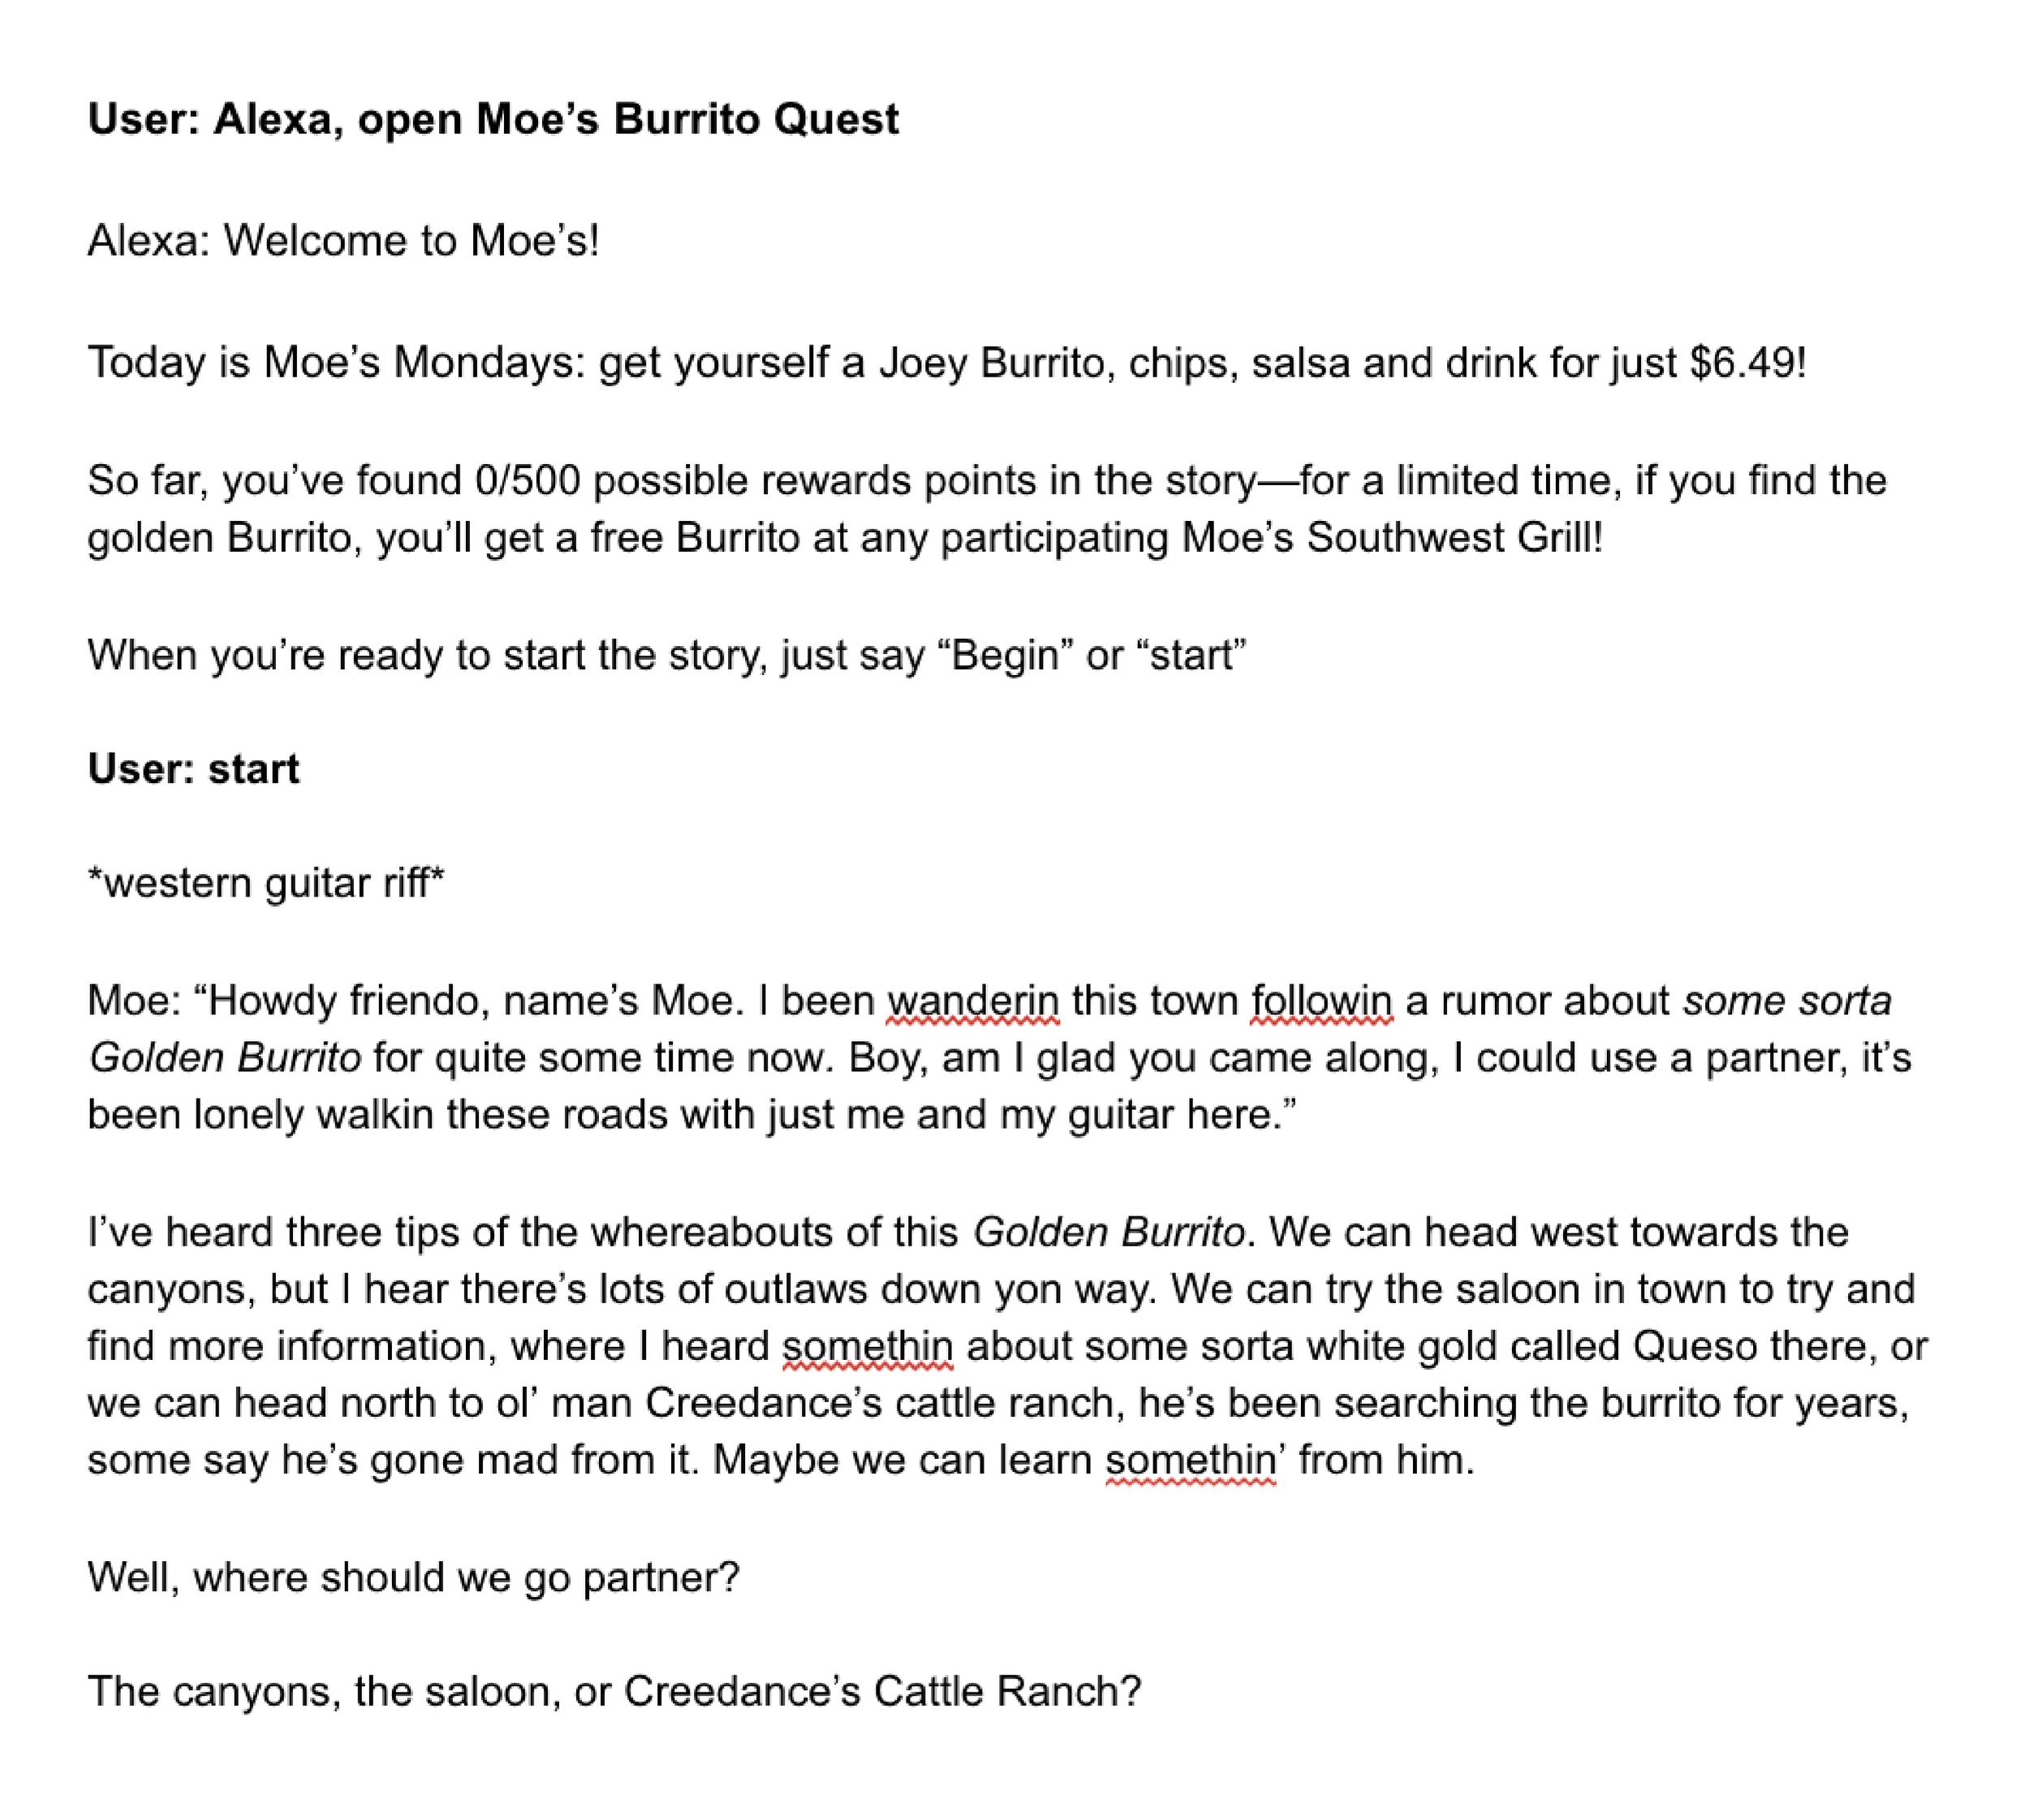 A script for the Burrito Quest concept